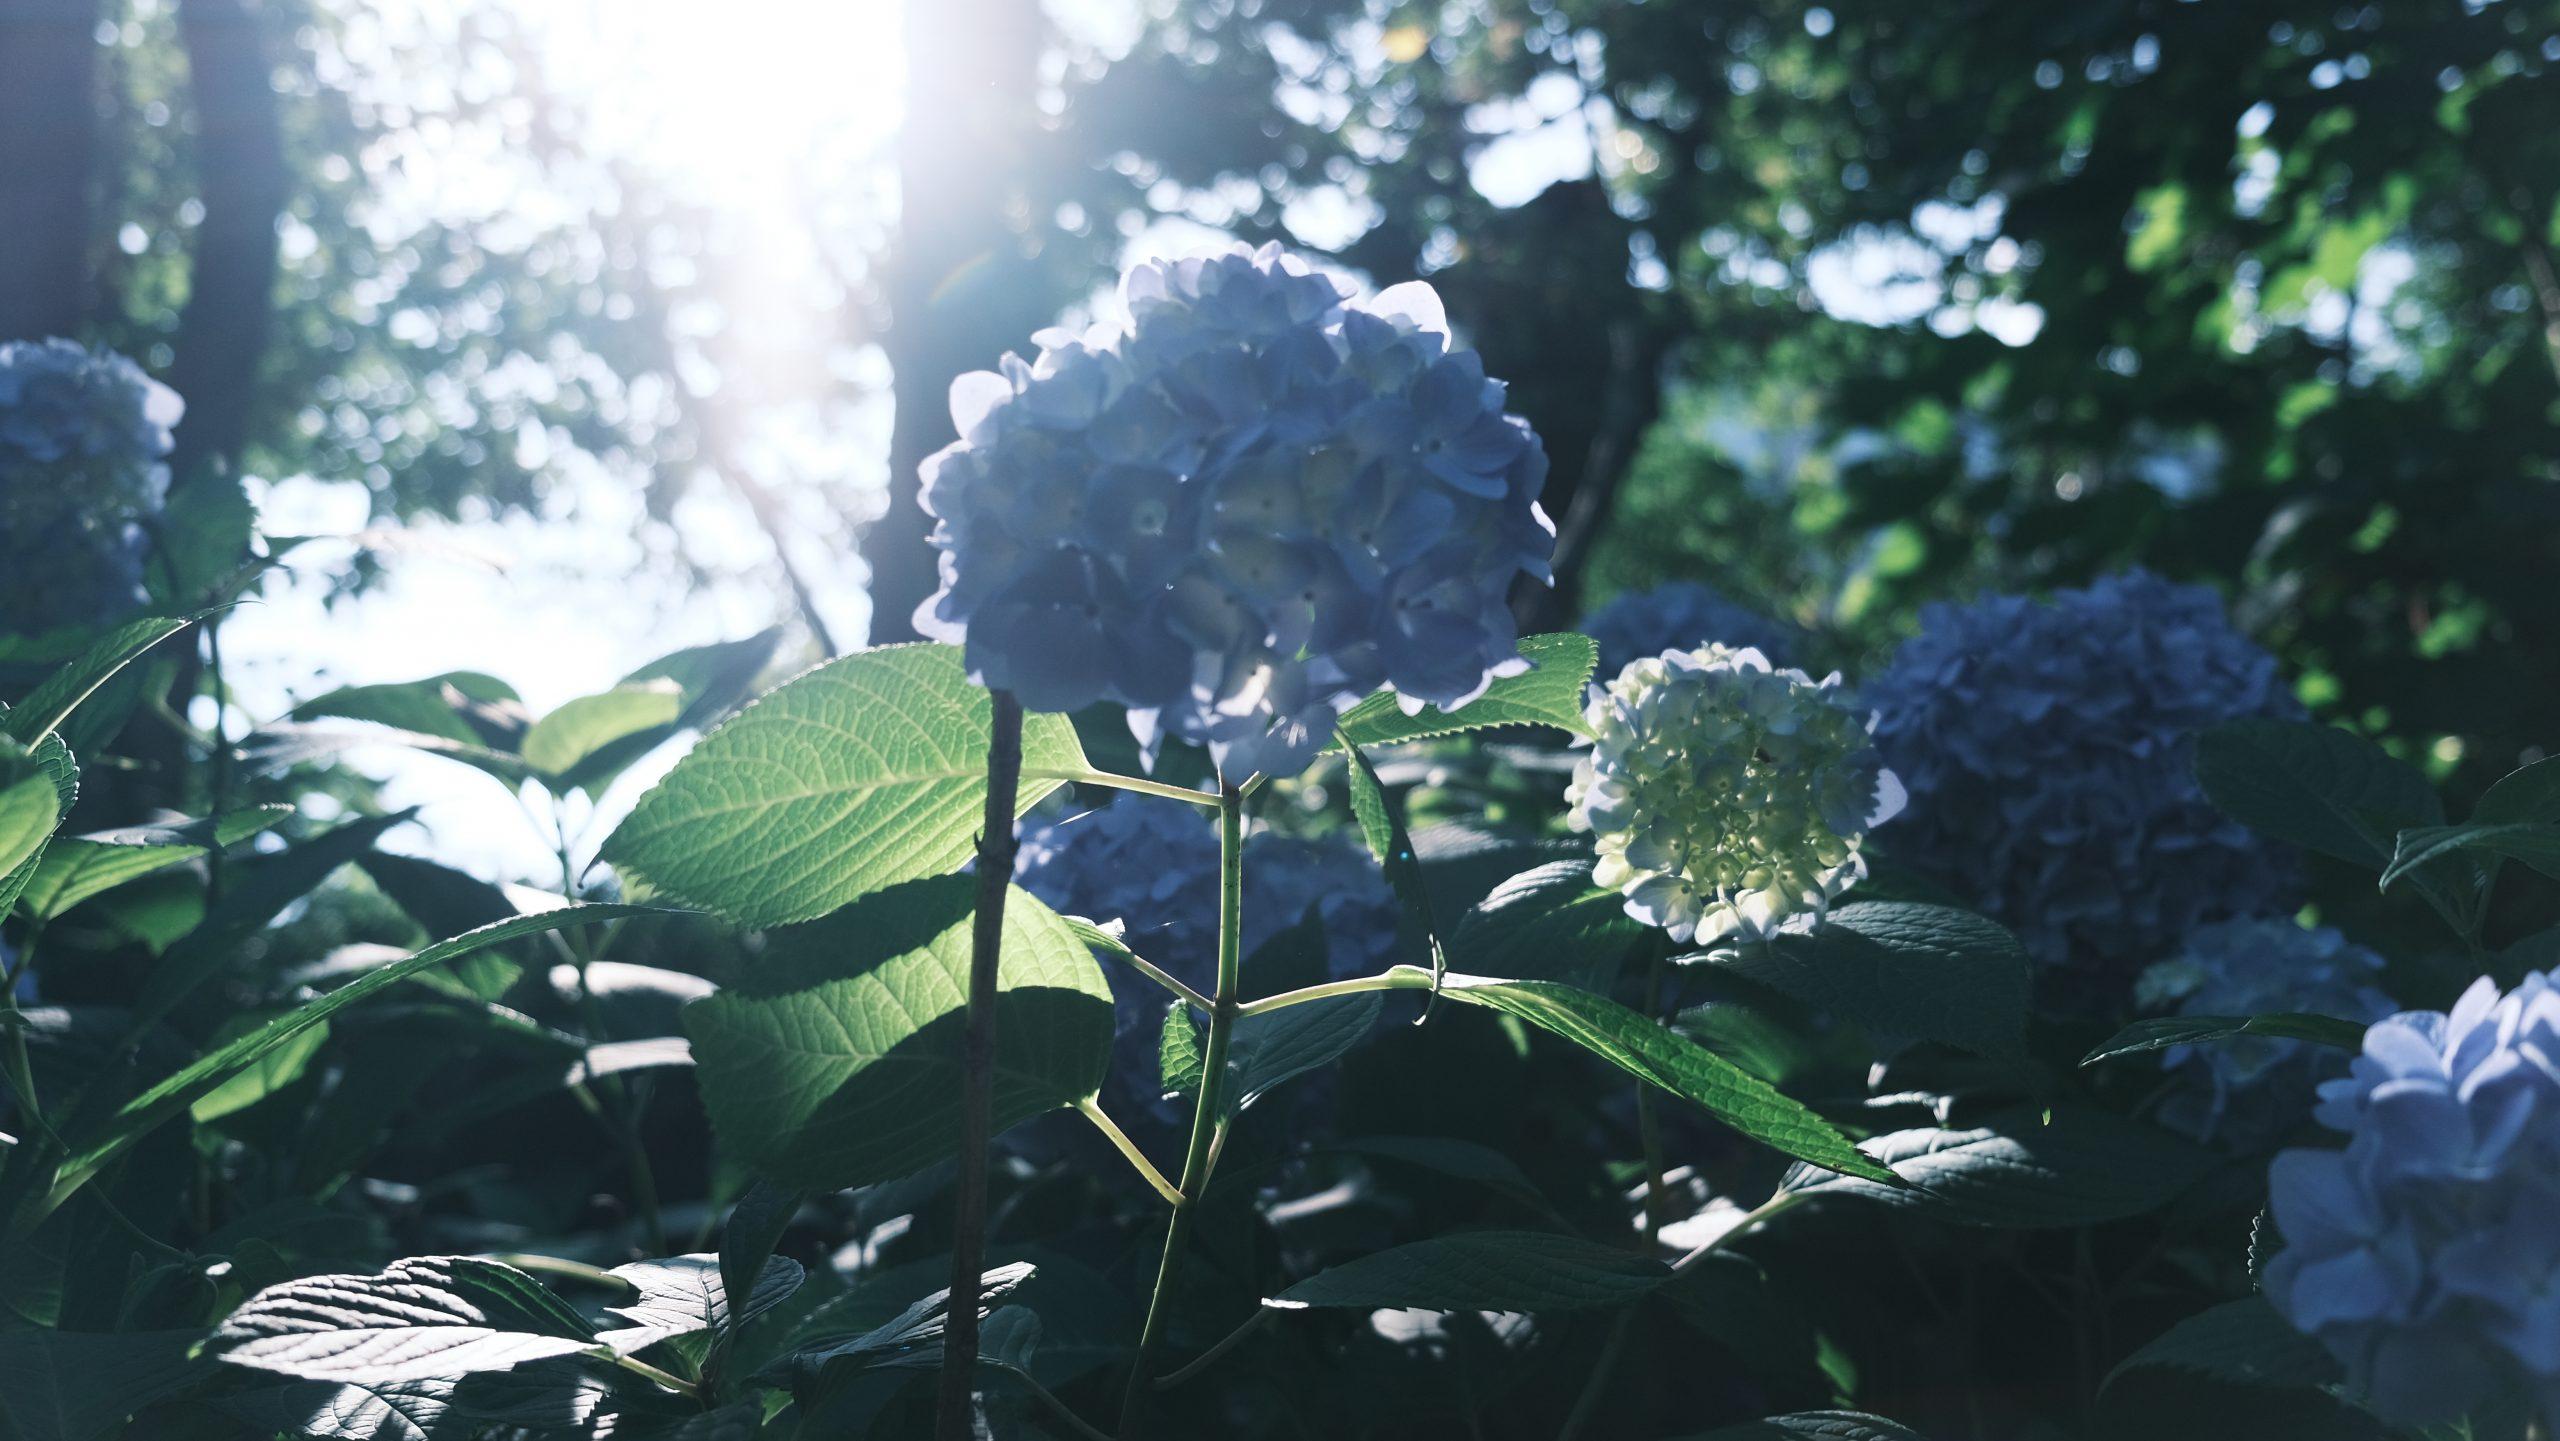 【FUJIFILM】梅雨晴れの公園散策